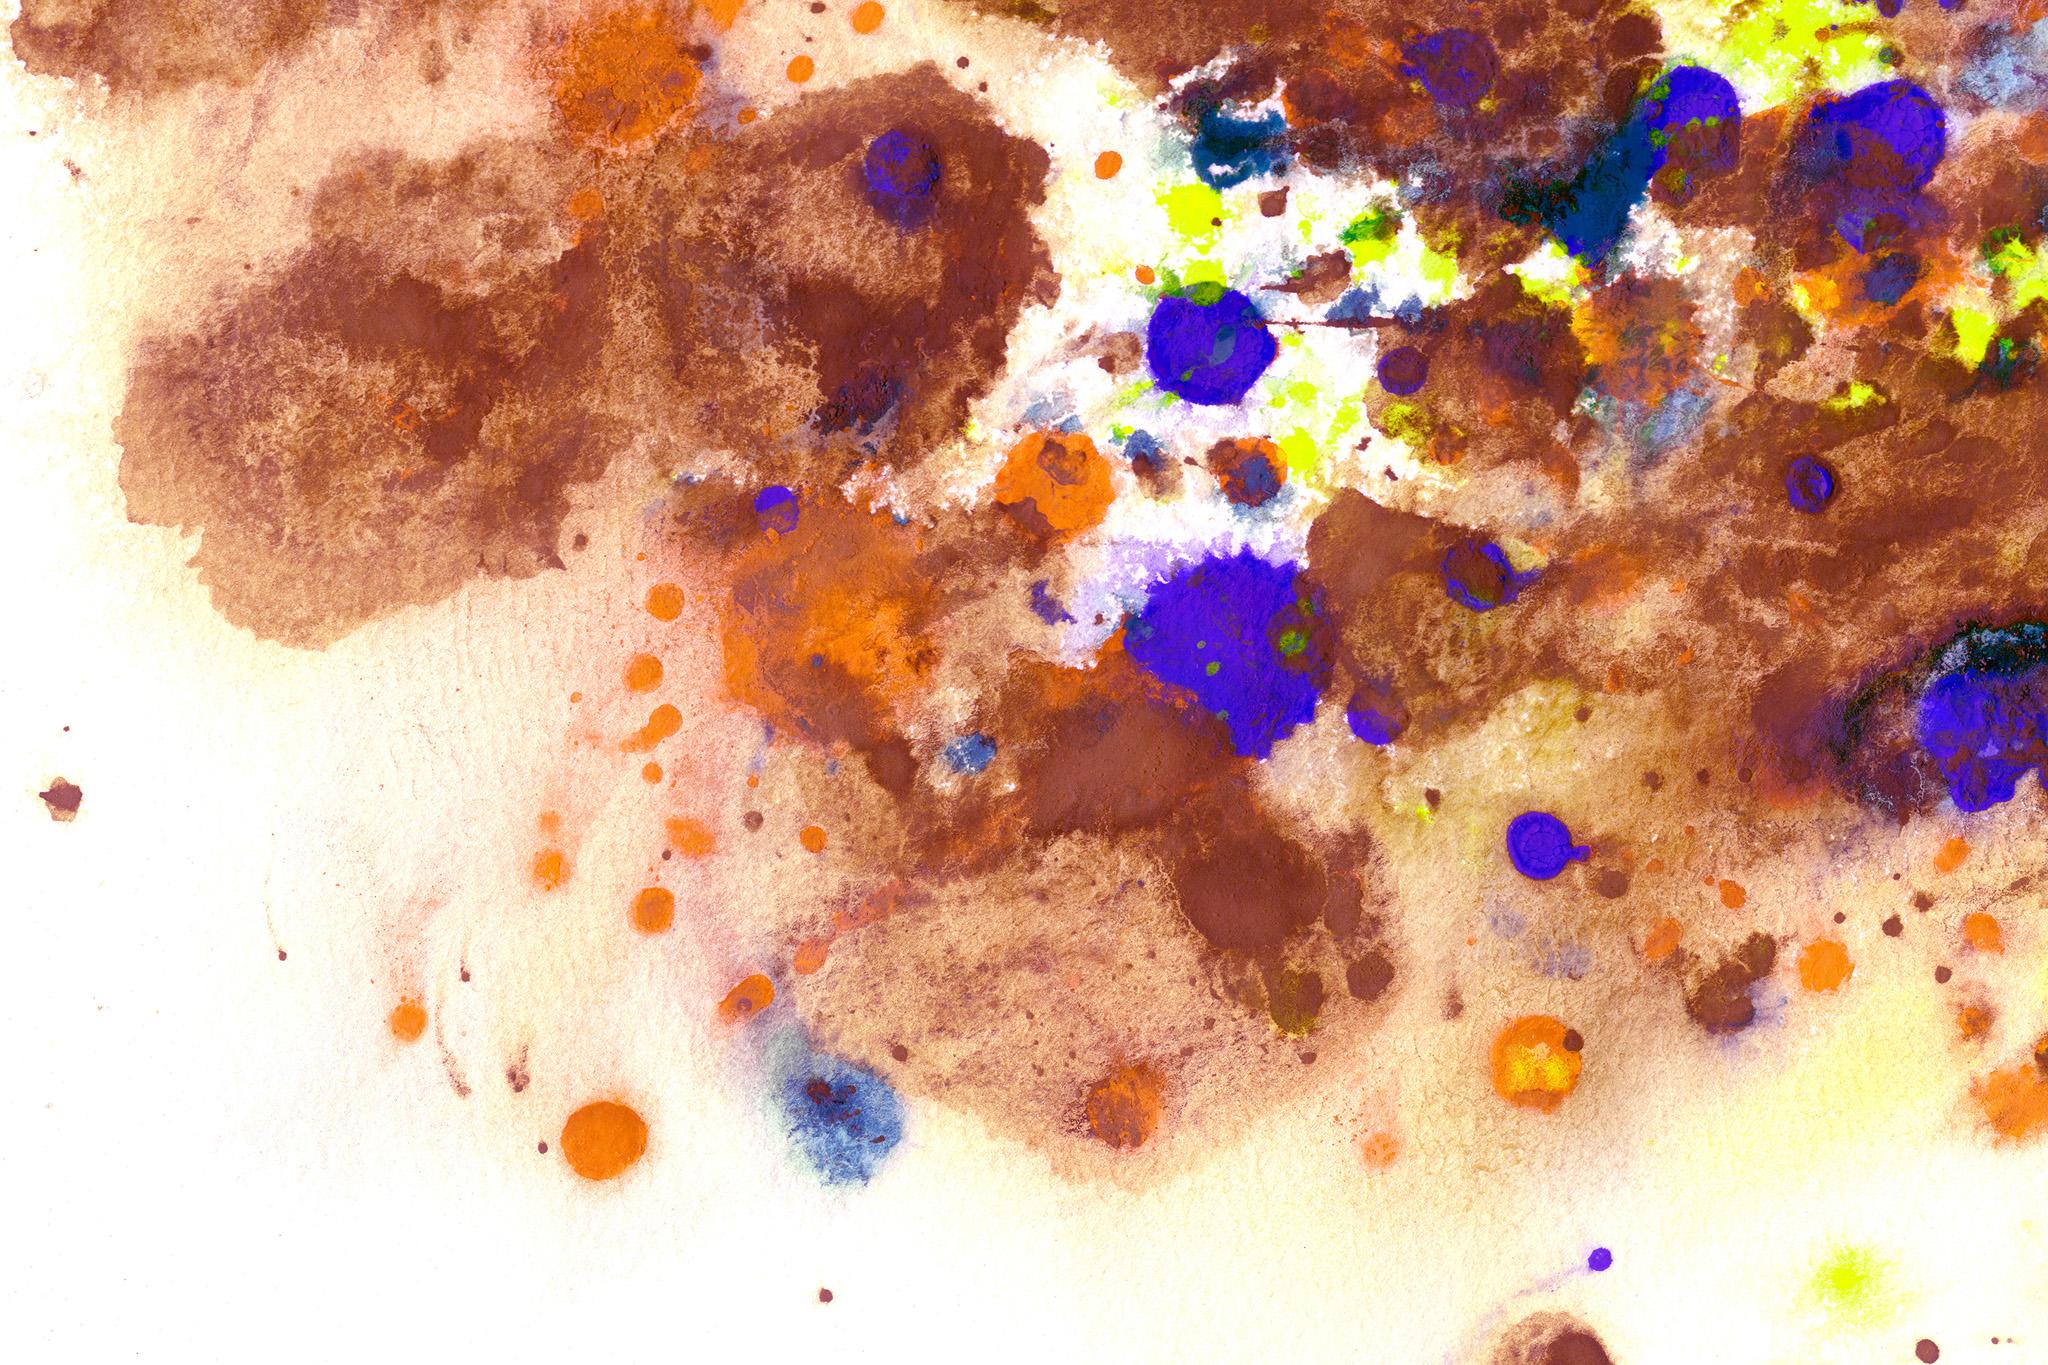 「茶色の滲みに落ちた紫の水彩絵具」